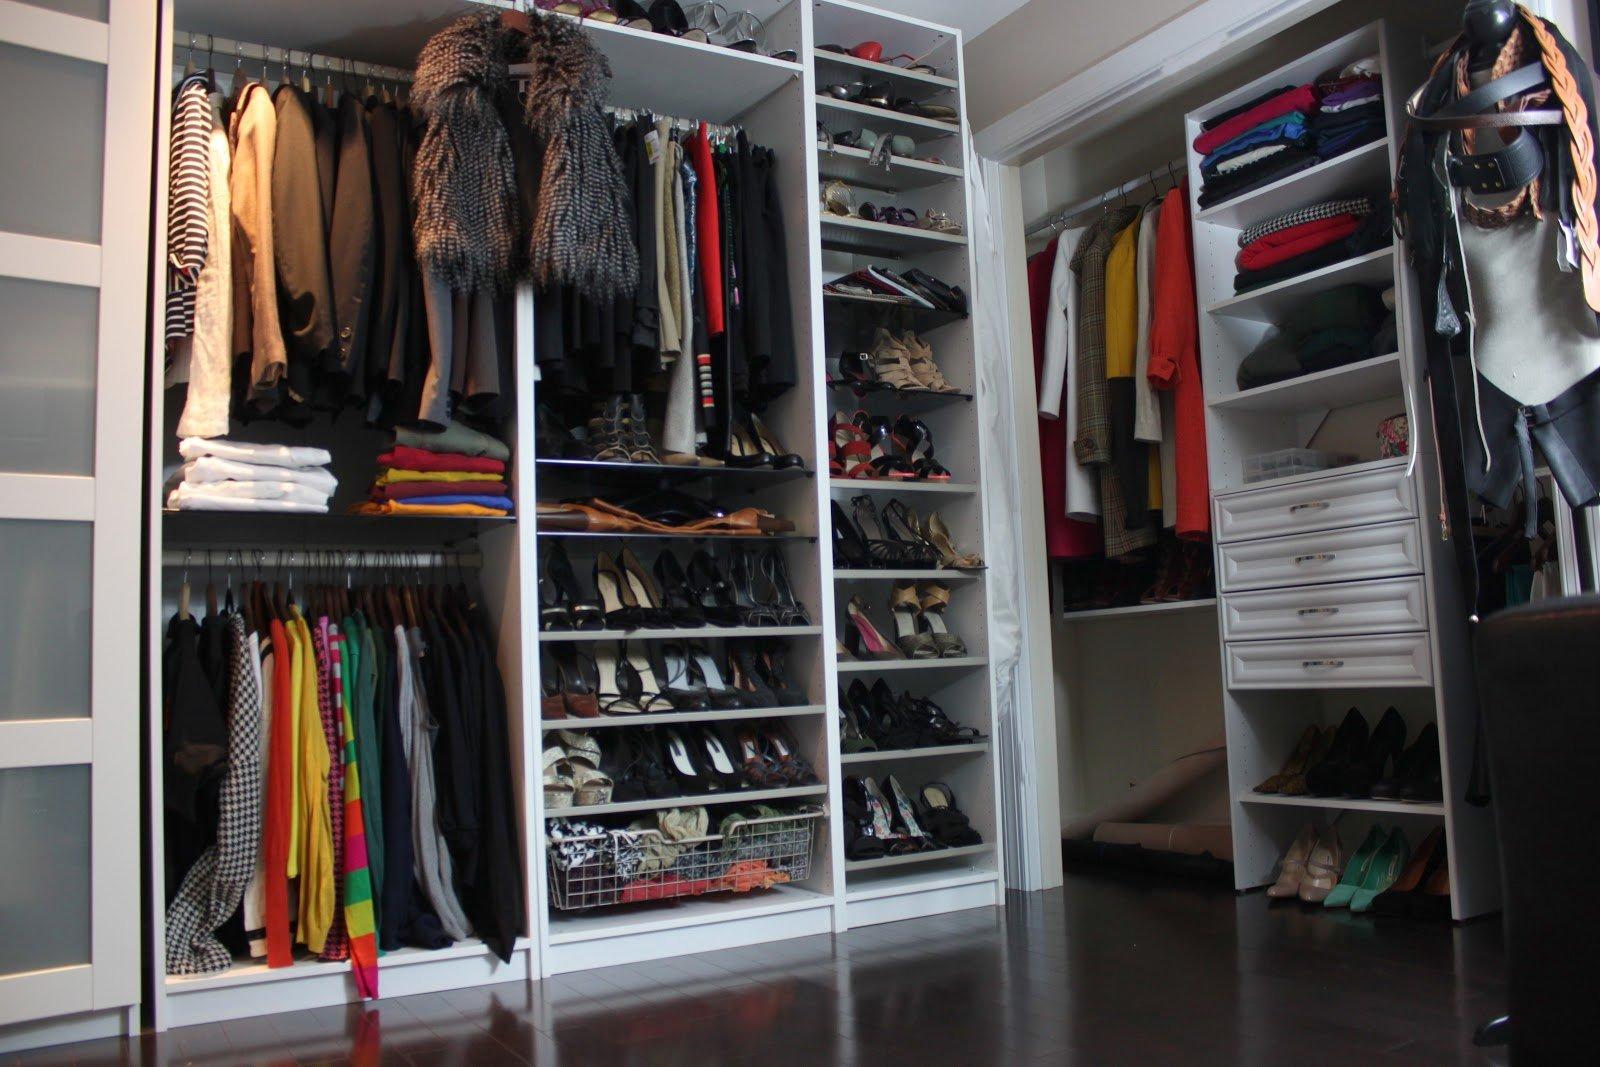 Πως να οργανώσεις σωστά τα ρούχα στην ντουλάπα σου.